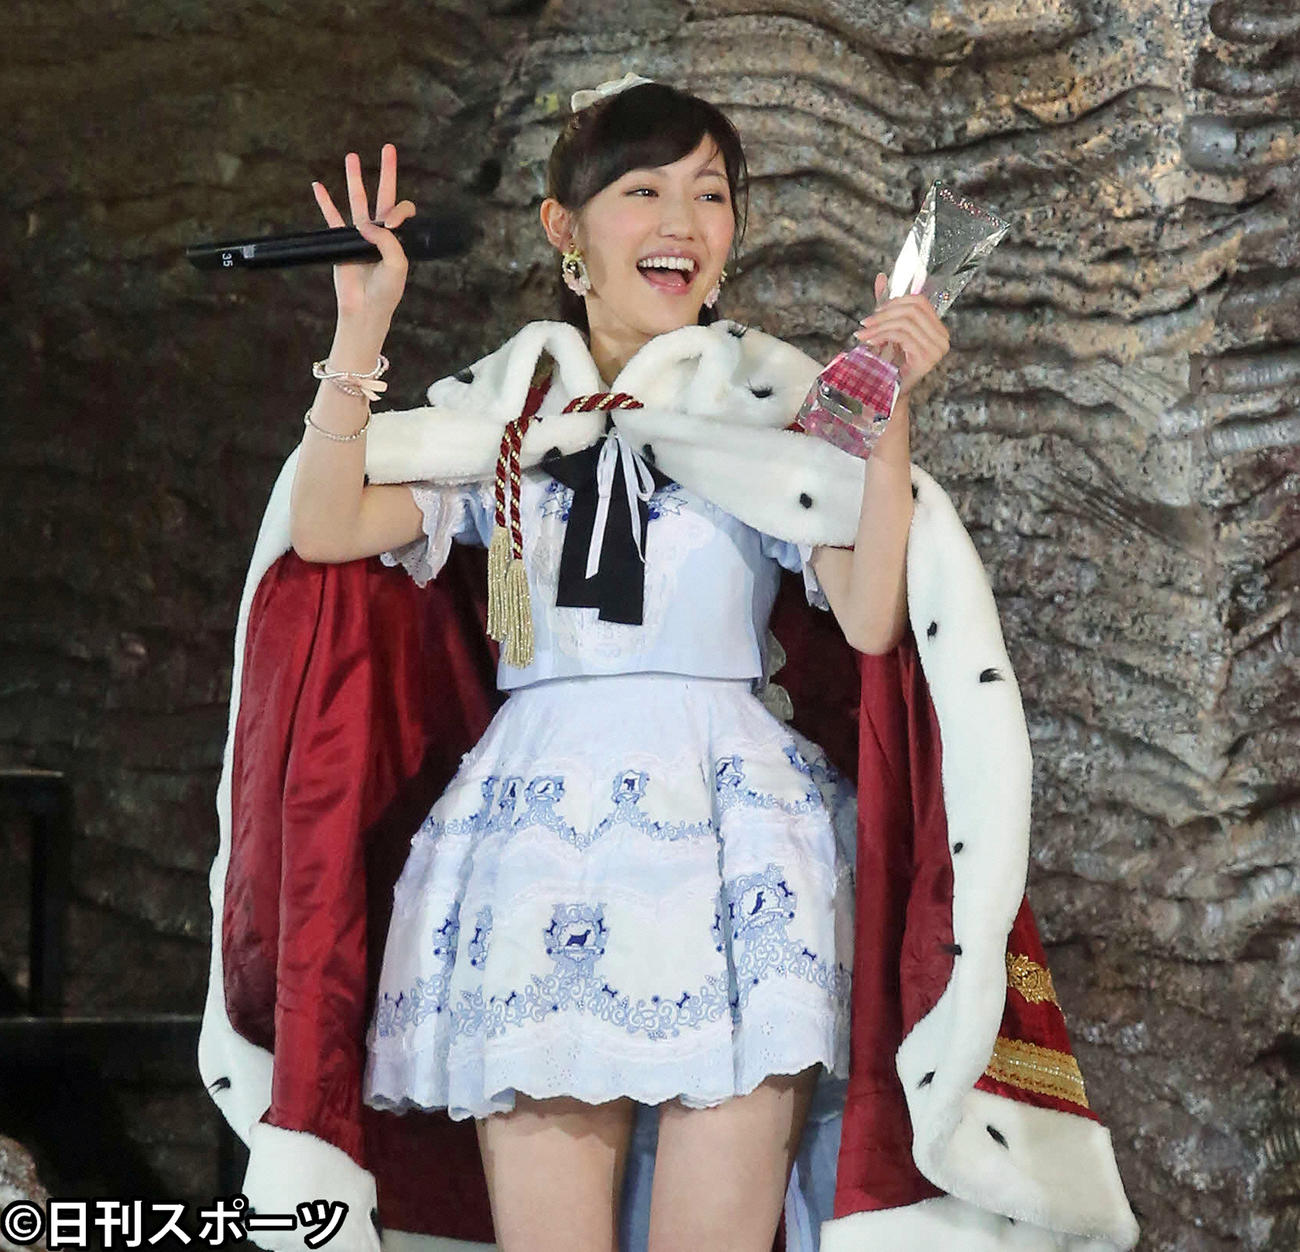 第6回AKB48選抜総選挙開票イベント トロフィーを手に喜ぶ渡辺麻友(2014年6月7日撮影)